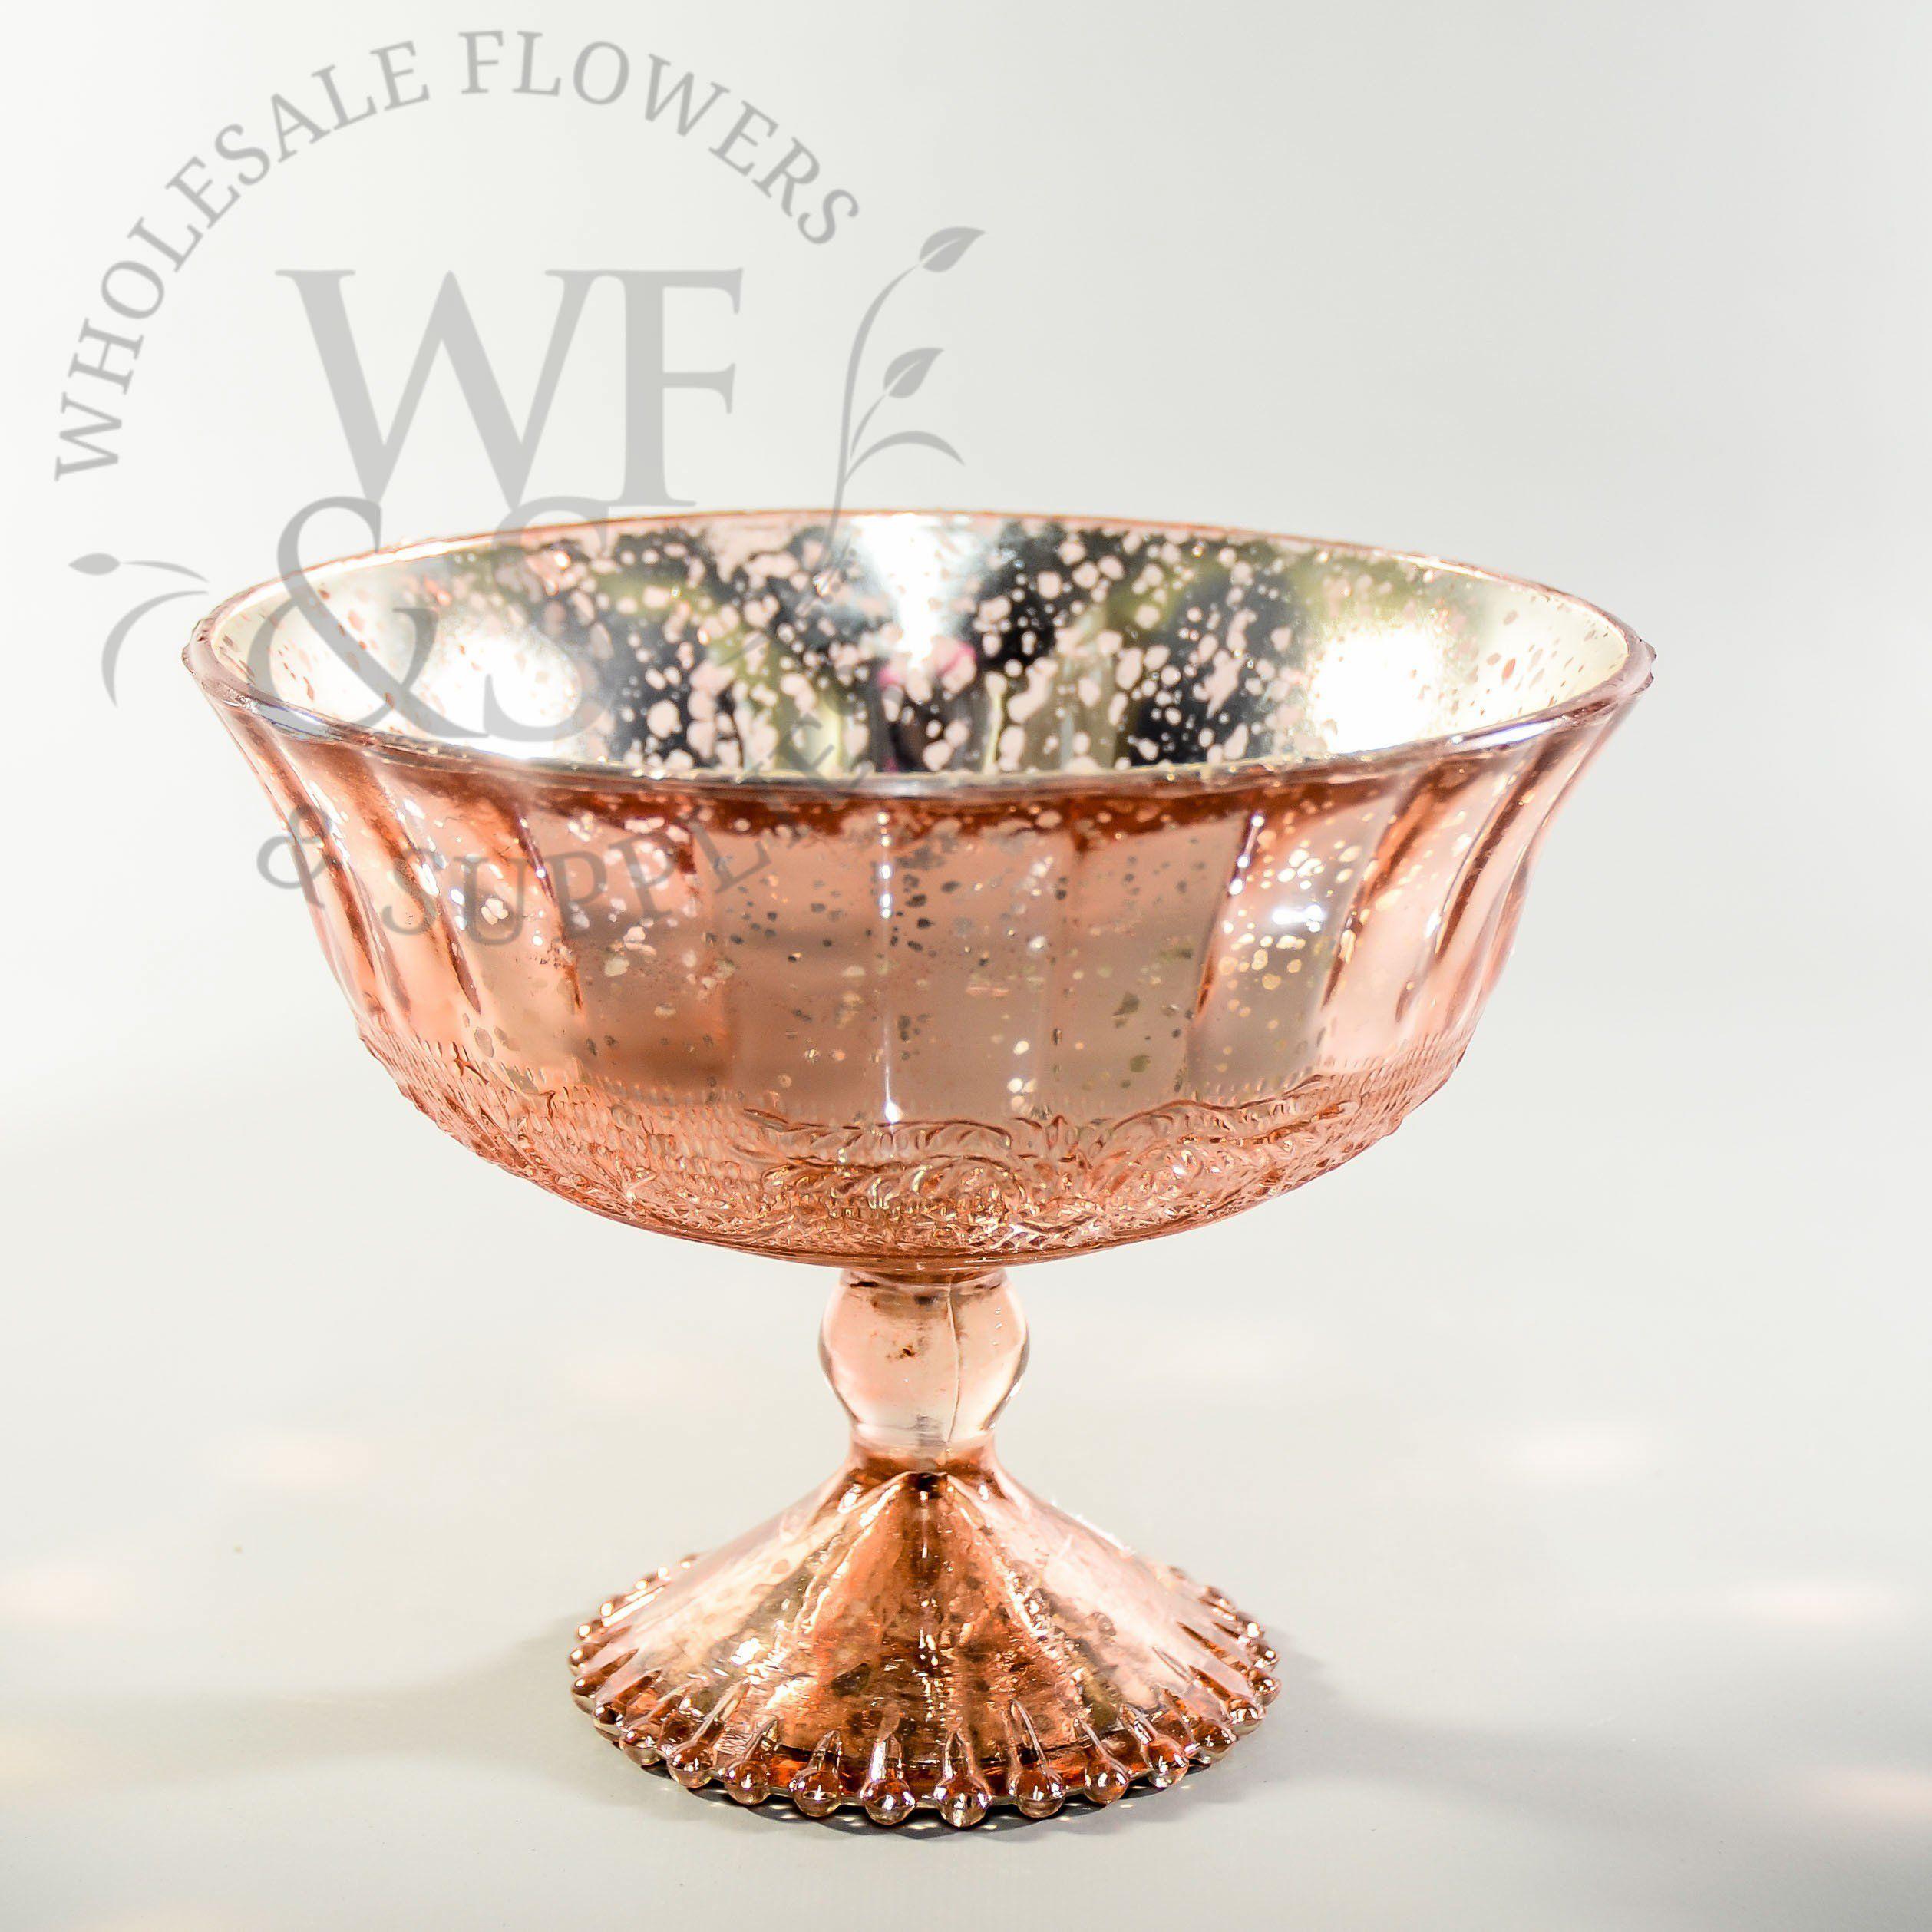 Glass pedestal vase in rose gold wholesaleflowersandsupplies glass pedestal vase in rose gold wholesaleflowersandsupplies reviewsmspy